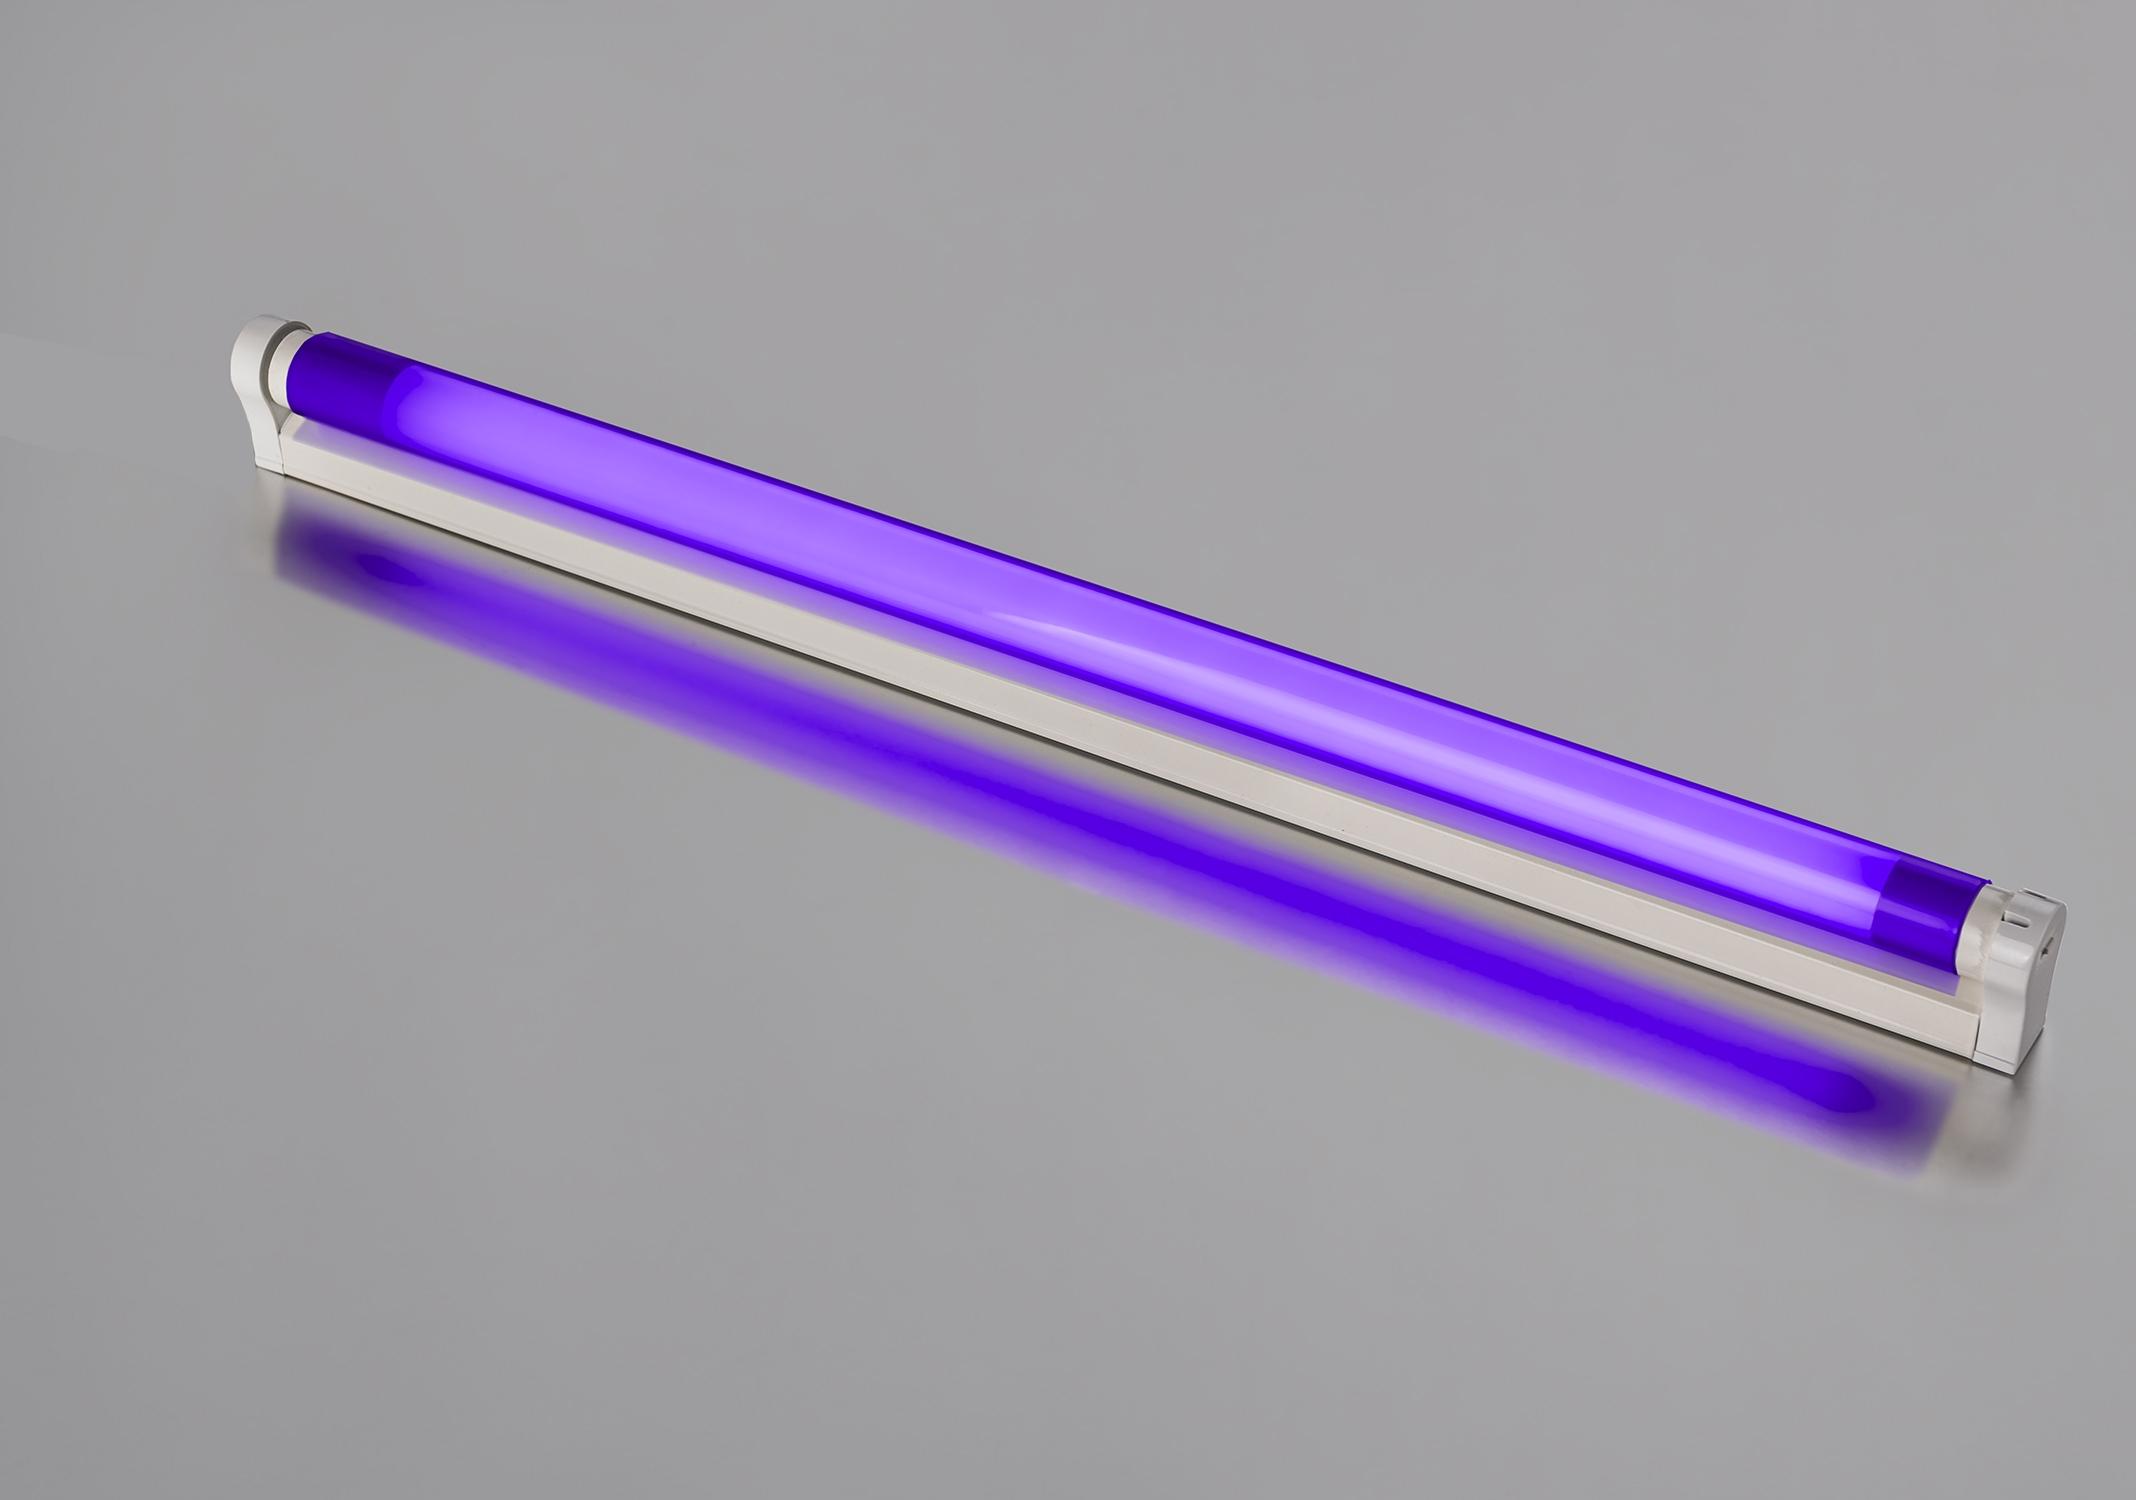 Helt nya LED Armatur 0,60m LED Röhre 10 Watt 900 Lumen violett   Leuchten KO-23